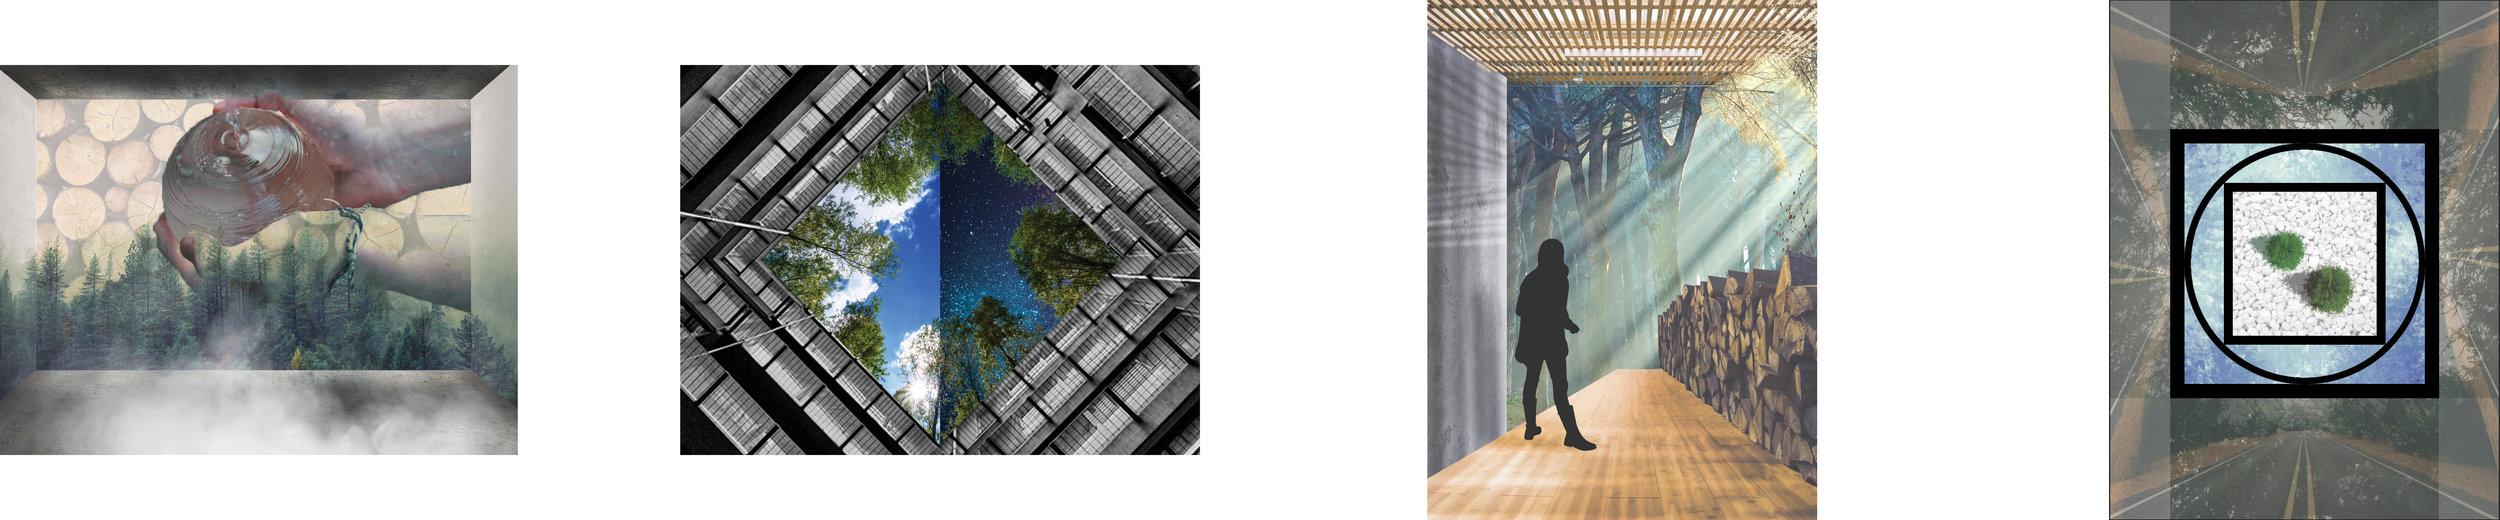 Studio part 1b (for Jan 30).jpg